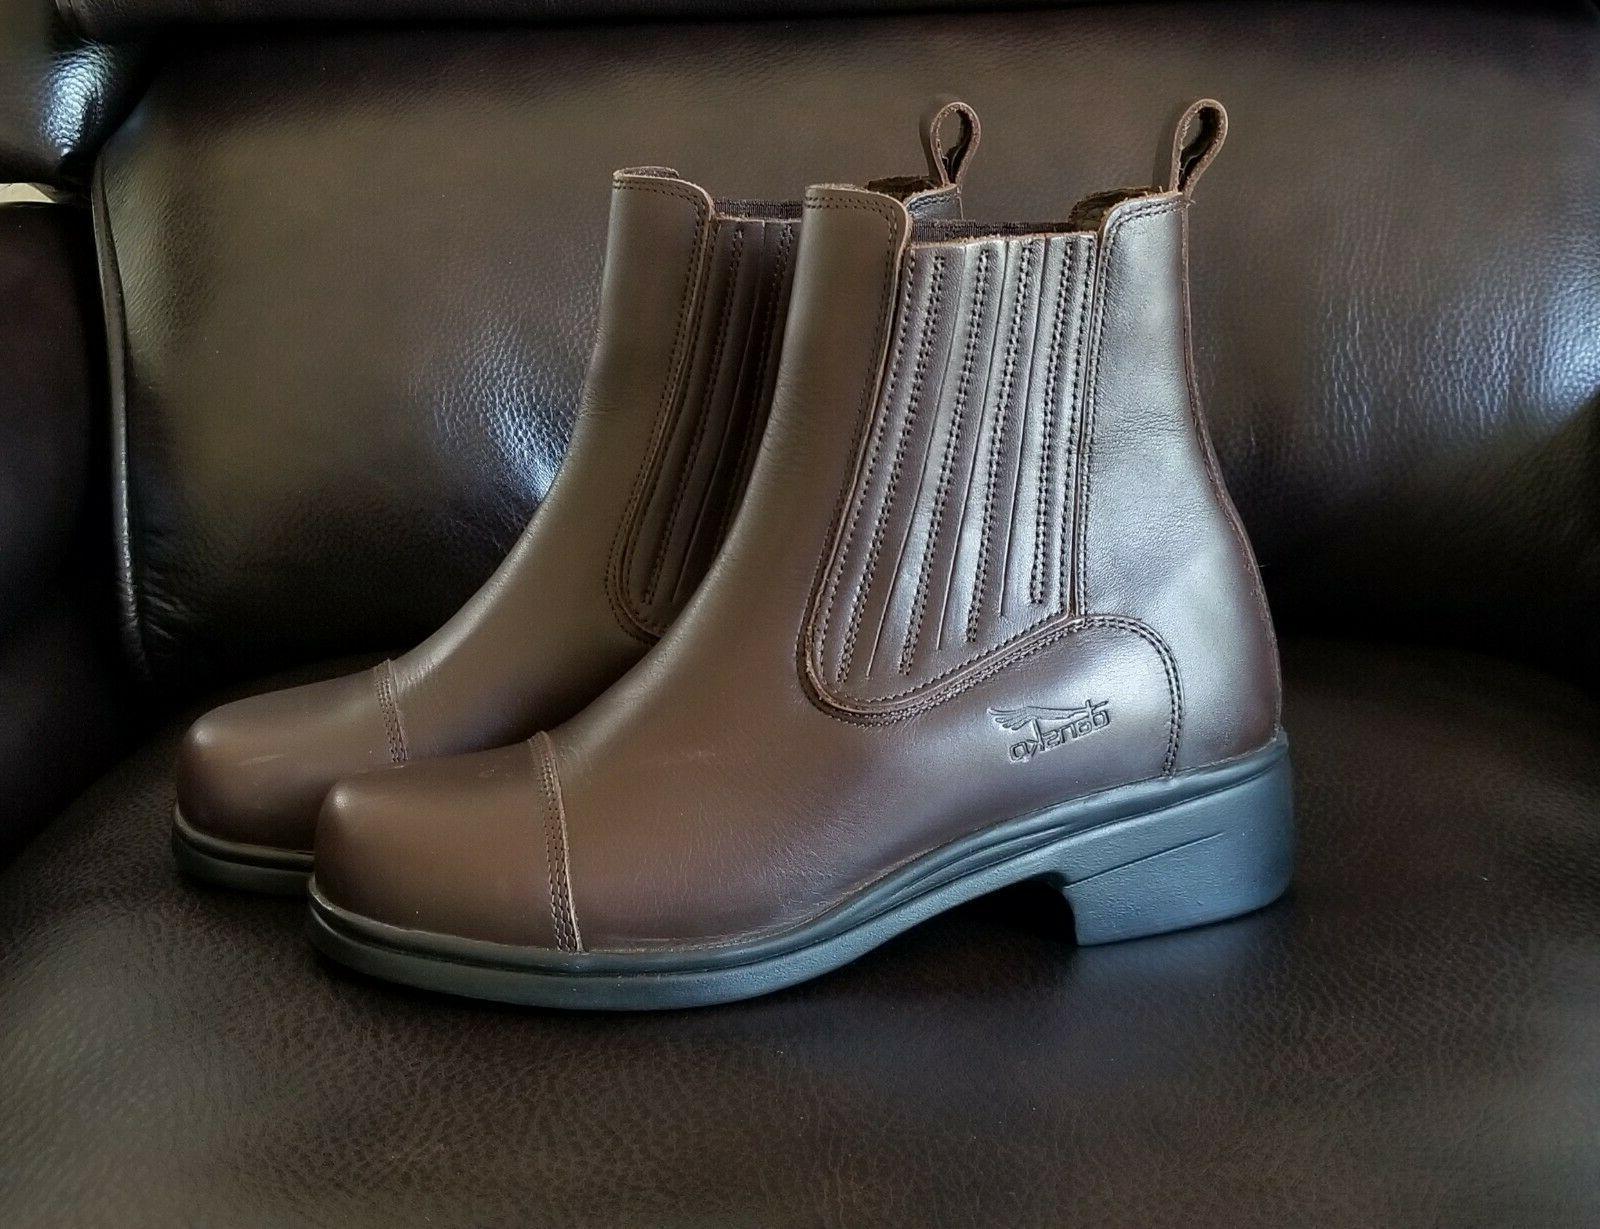 paddock boots womens size 8 eu 38